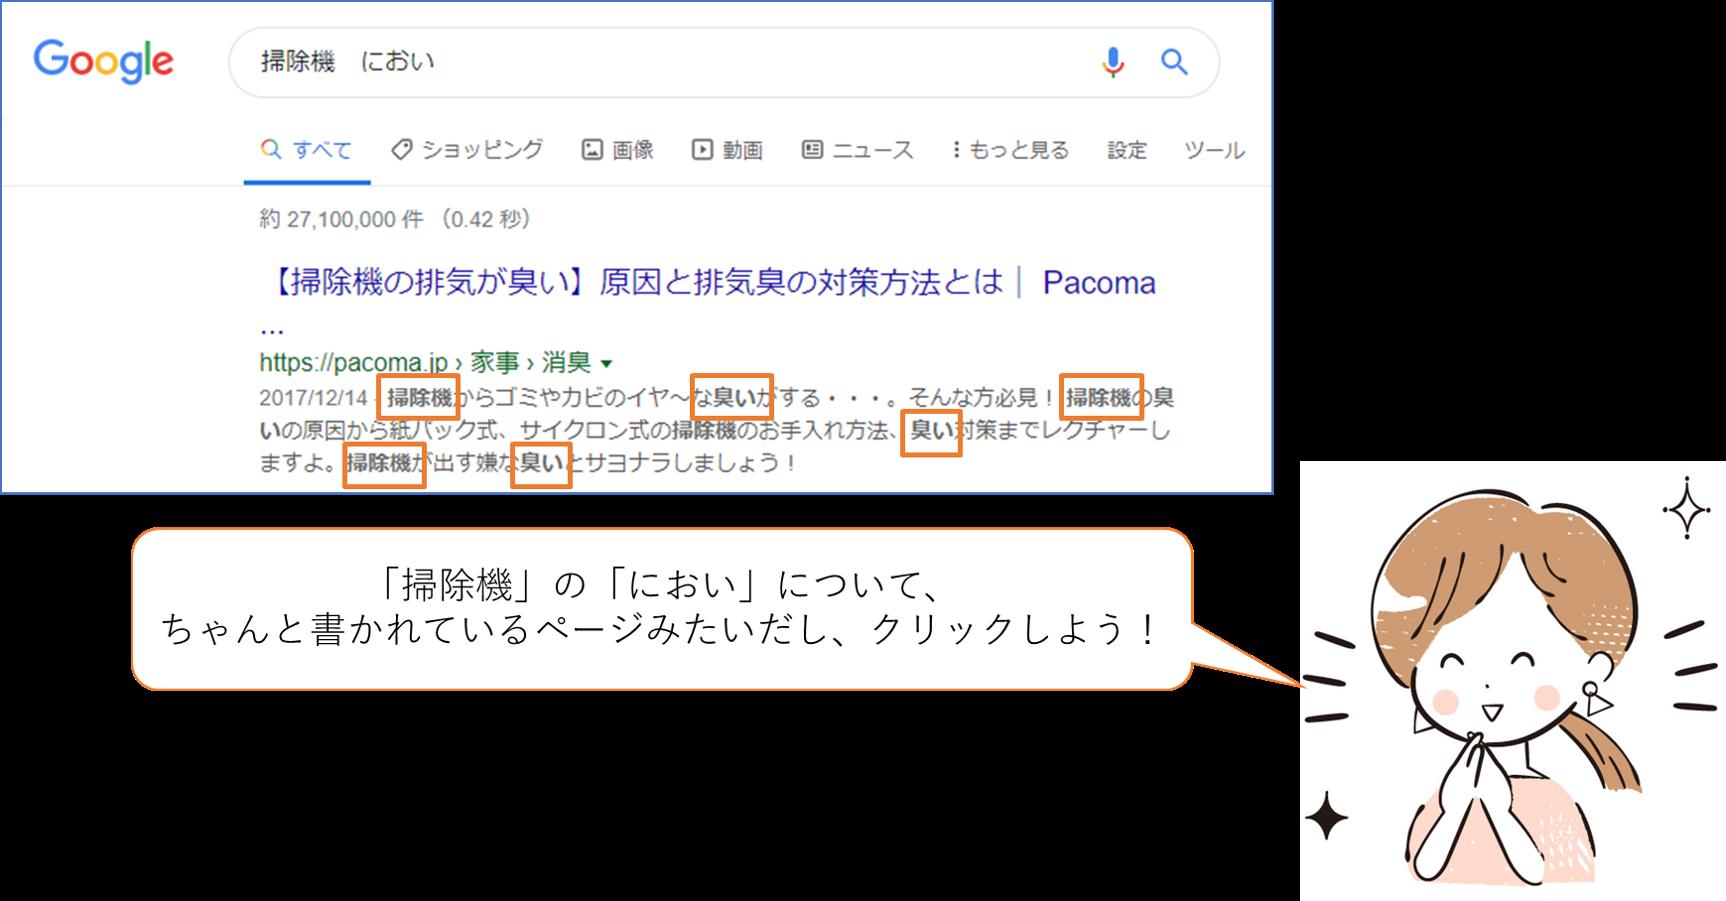 メタディスクリプションにキーワードが含まれていると太字で強調表示され、ユーザーにわかりやすい